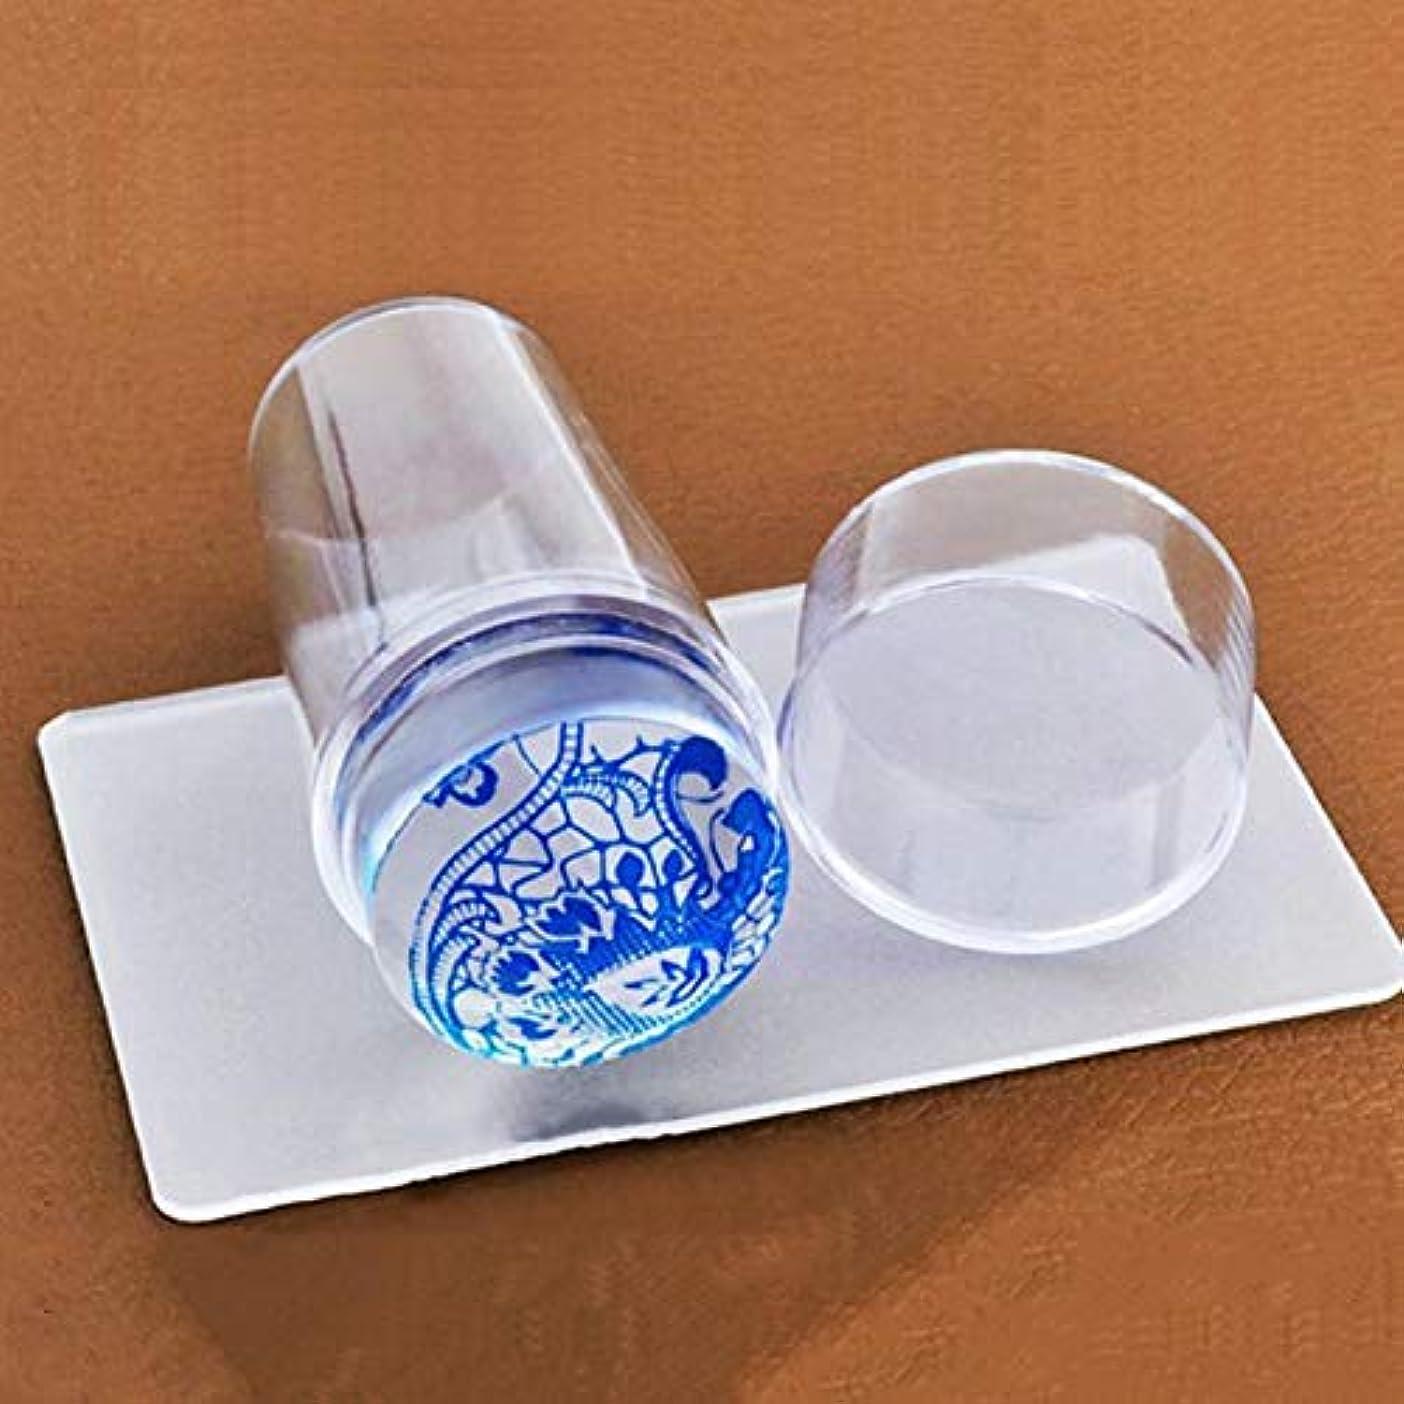 一目慣れる杭OU-Kunmlef 甘い透明なゼリーシリコーンネイルアートスタンパースクレーパーキャップ透明2.8 cm(None color)